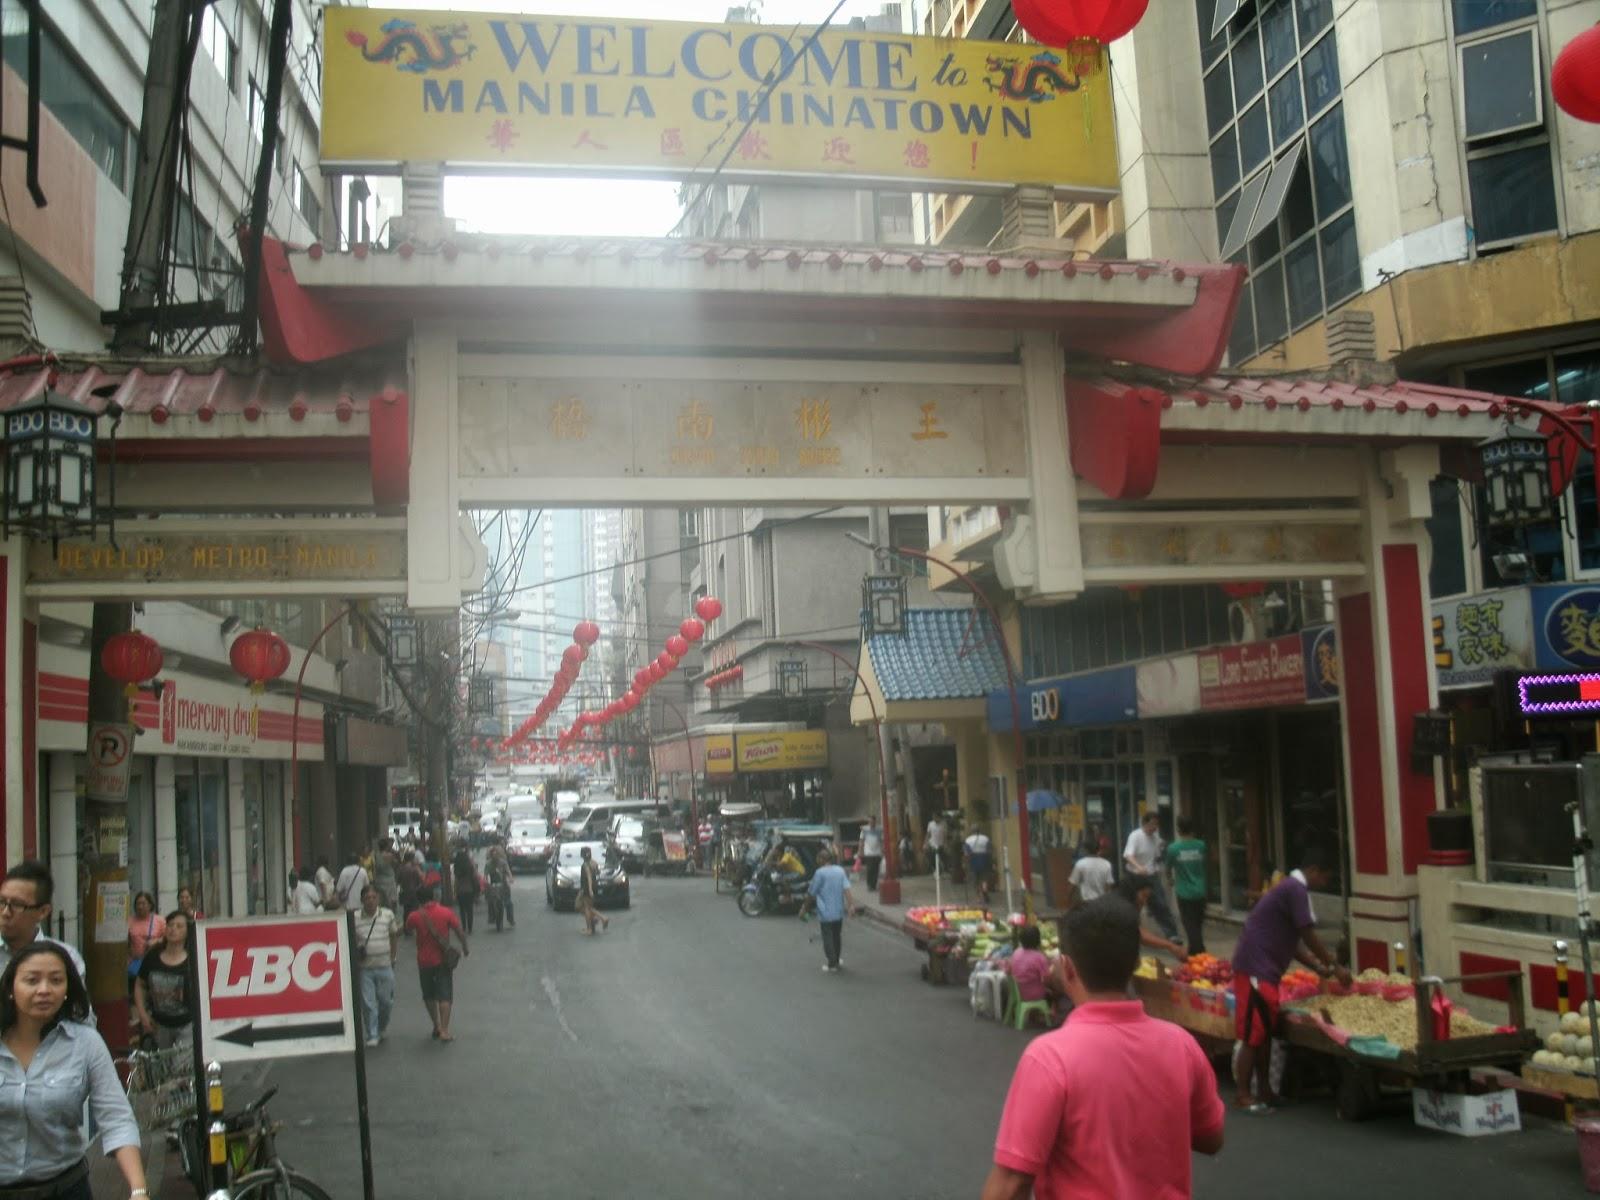 Manila, Chinatown